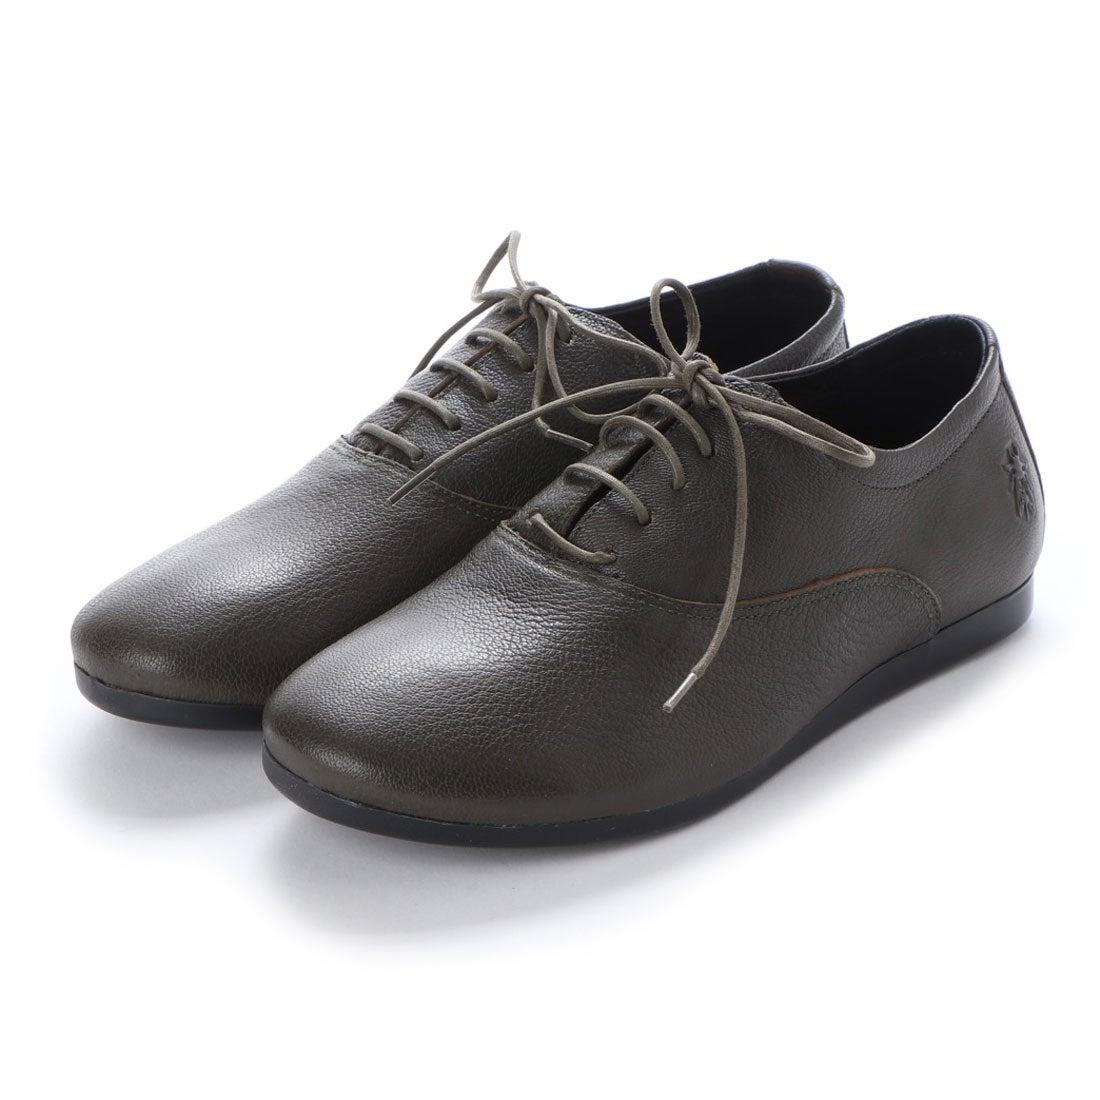 ヨーロッパコンフォートシューズ EU Comfort Shoes FLYLONDON スニーカー(144.134) (ダークグレー)